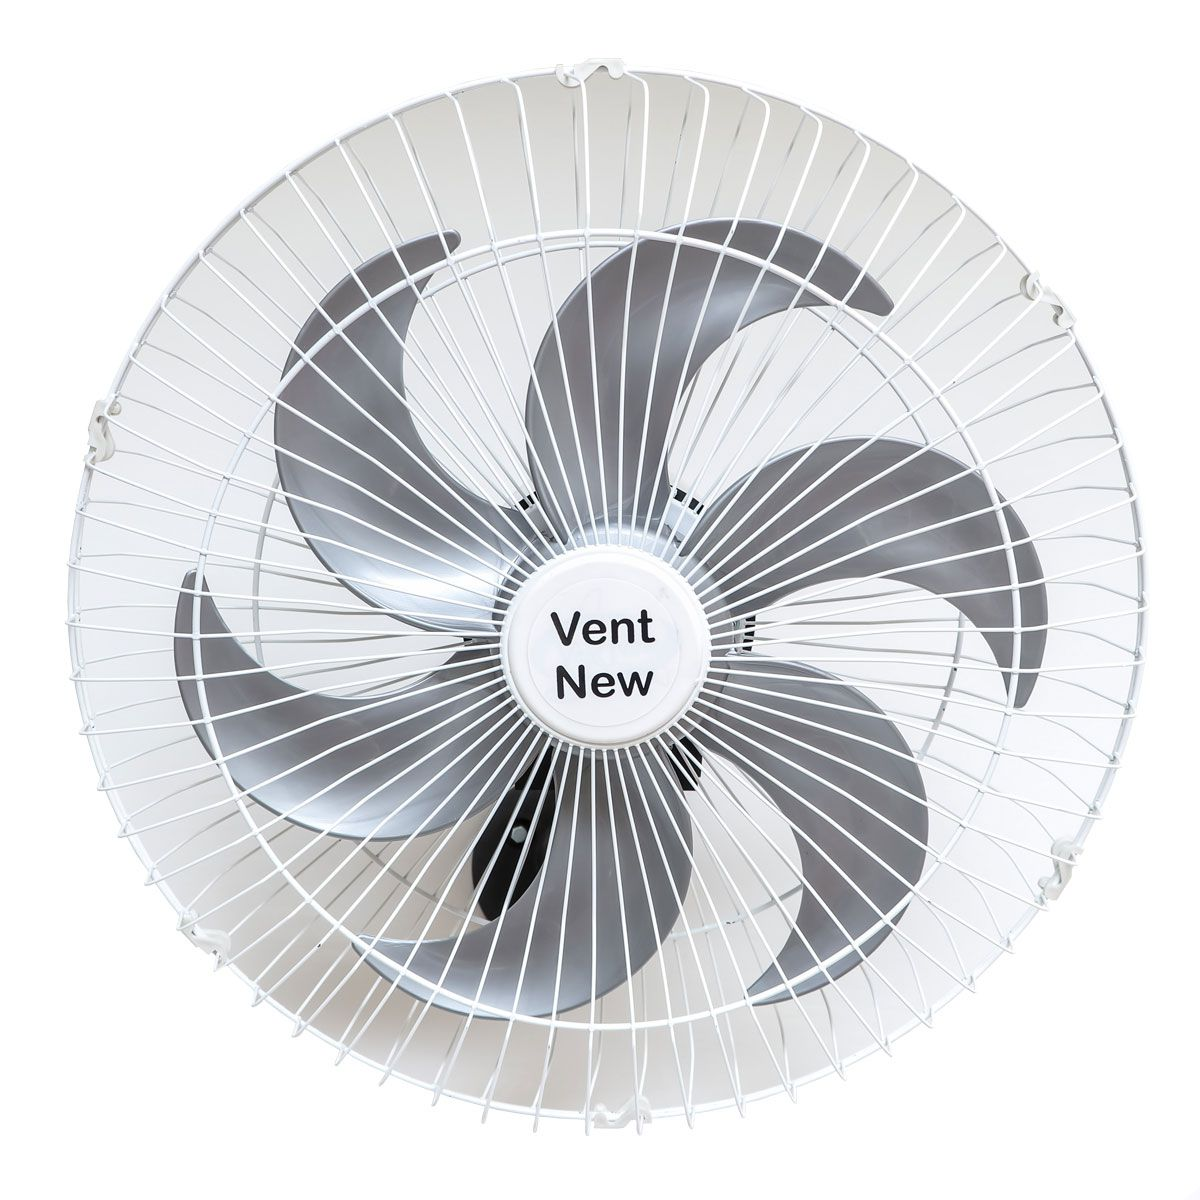 Kit 2 Ventiladores Parede Oscilante 50 Cm Branco / Prata Bivolt Grade Aço